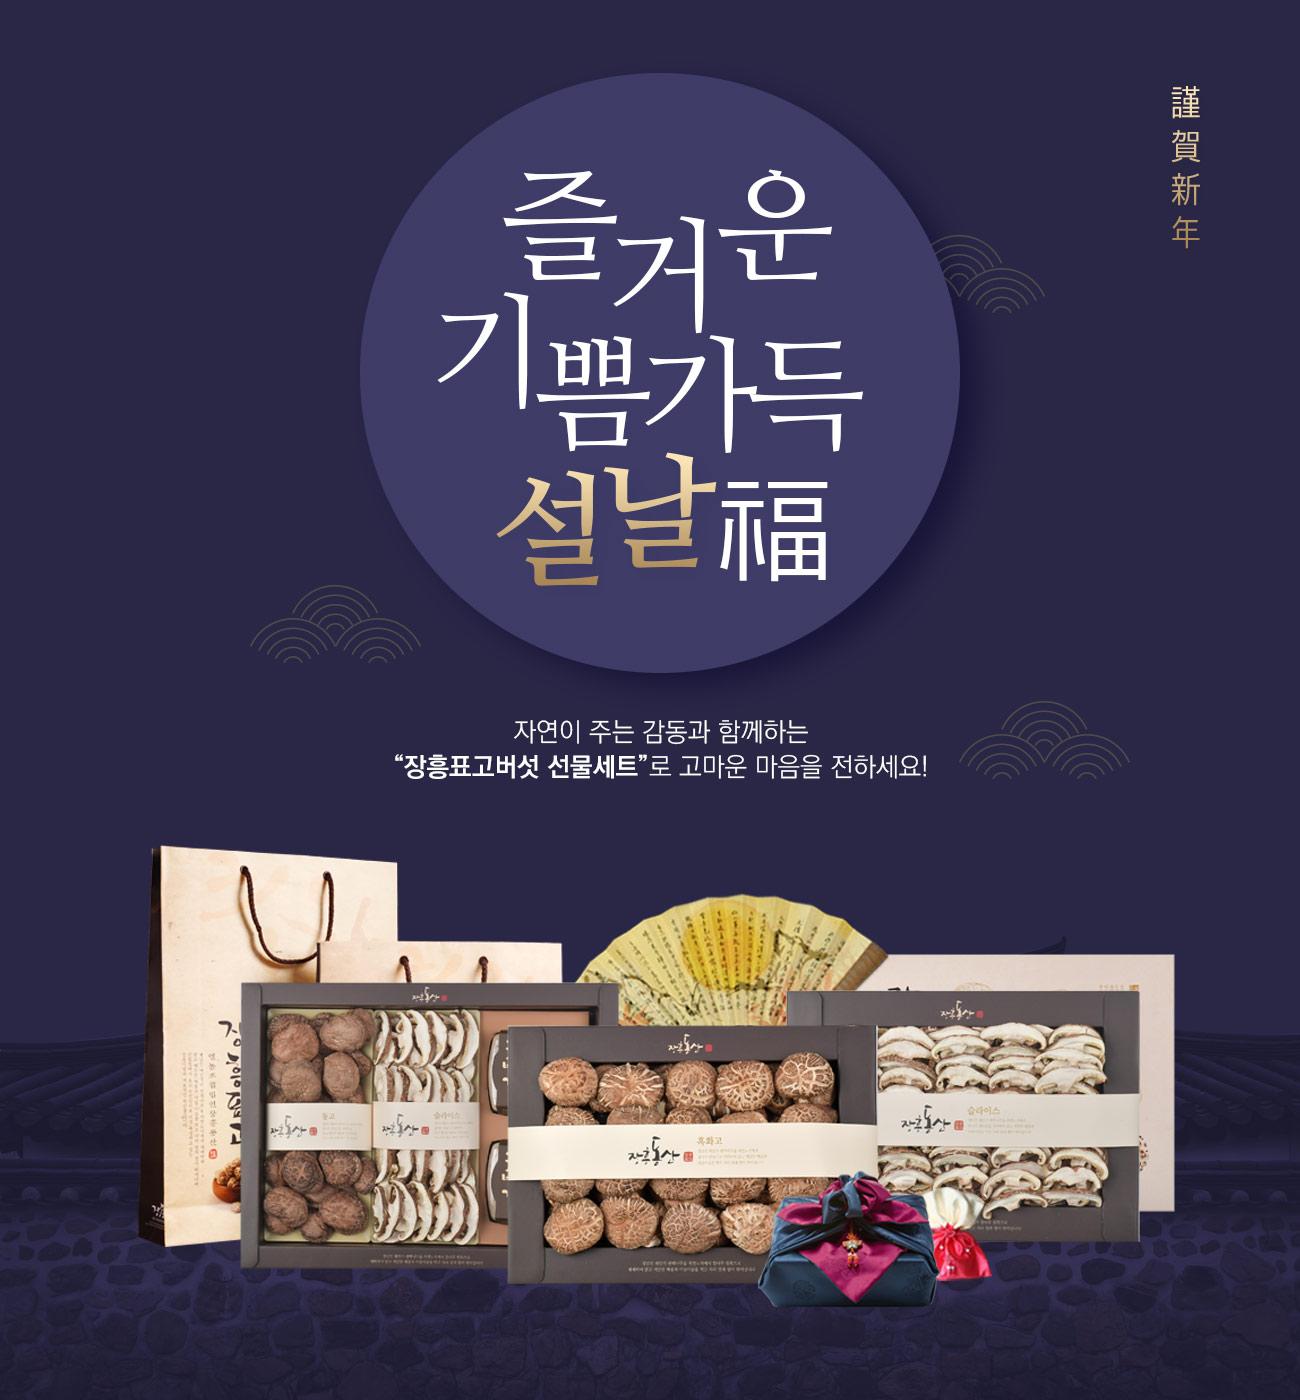 [2020 설]장흥표고버섯 선물세트 모음전